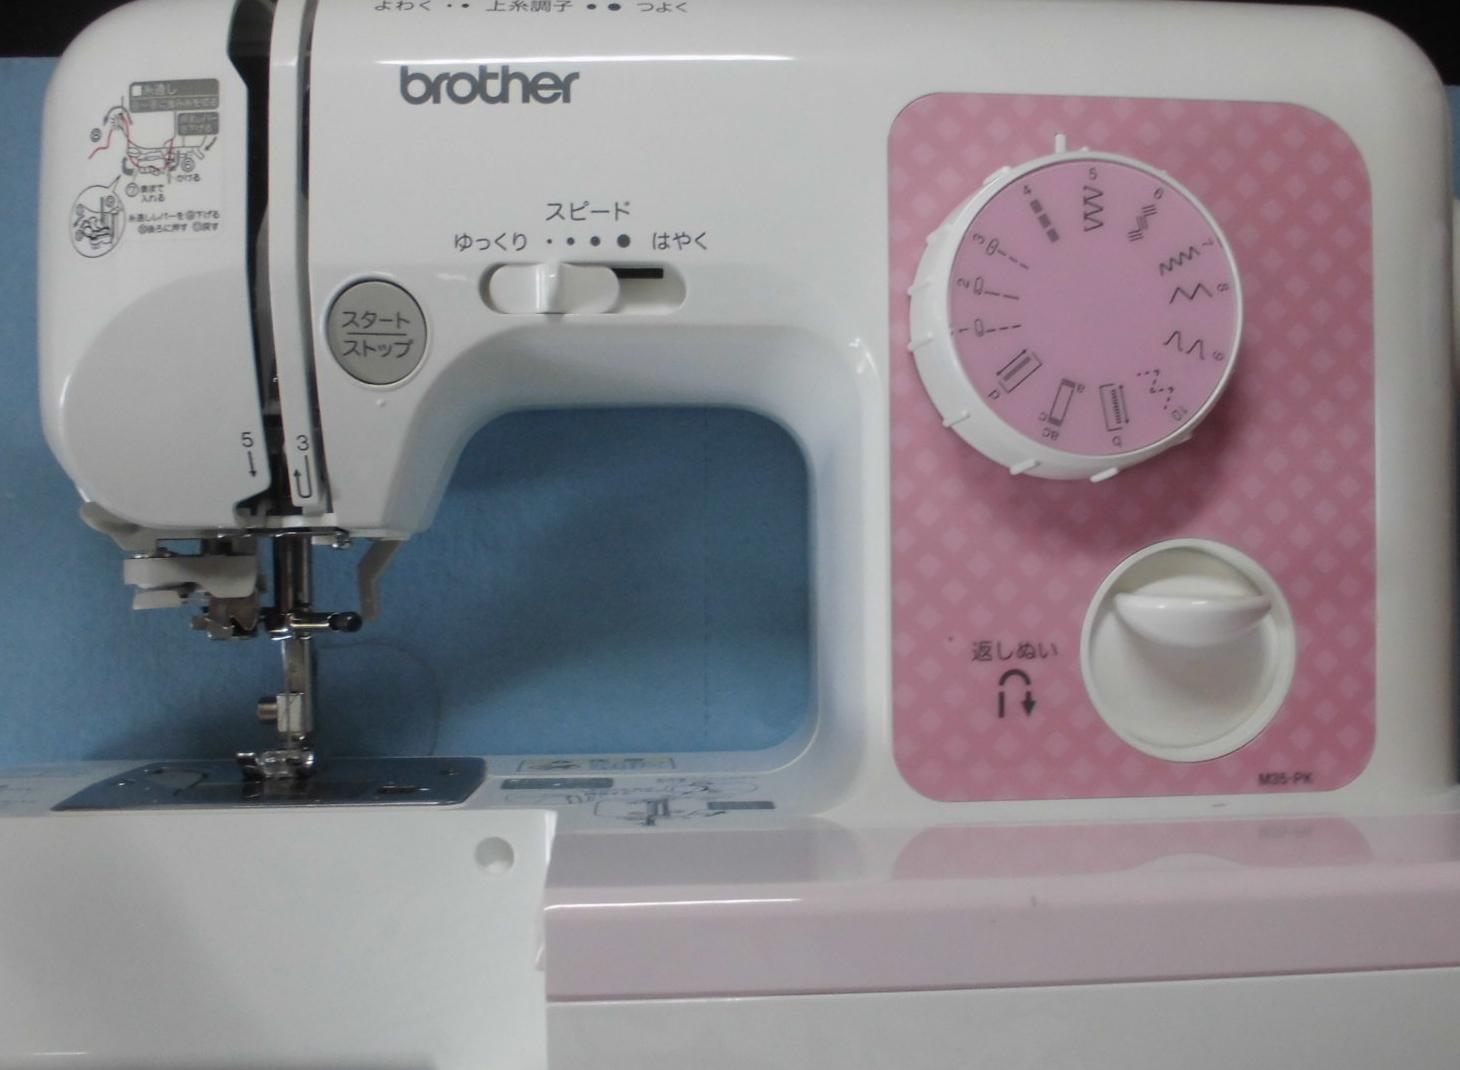 ブラザーミシン修理|ELU52|M35-PK|針棒がグラグラする、縫えない、布に針が刺さらない